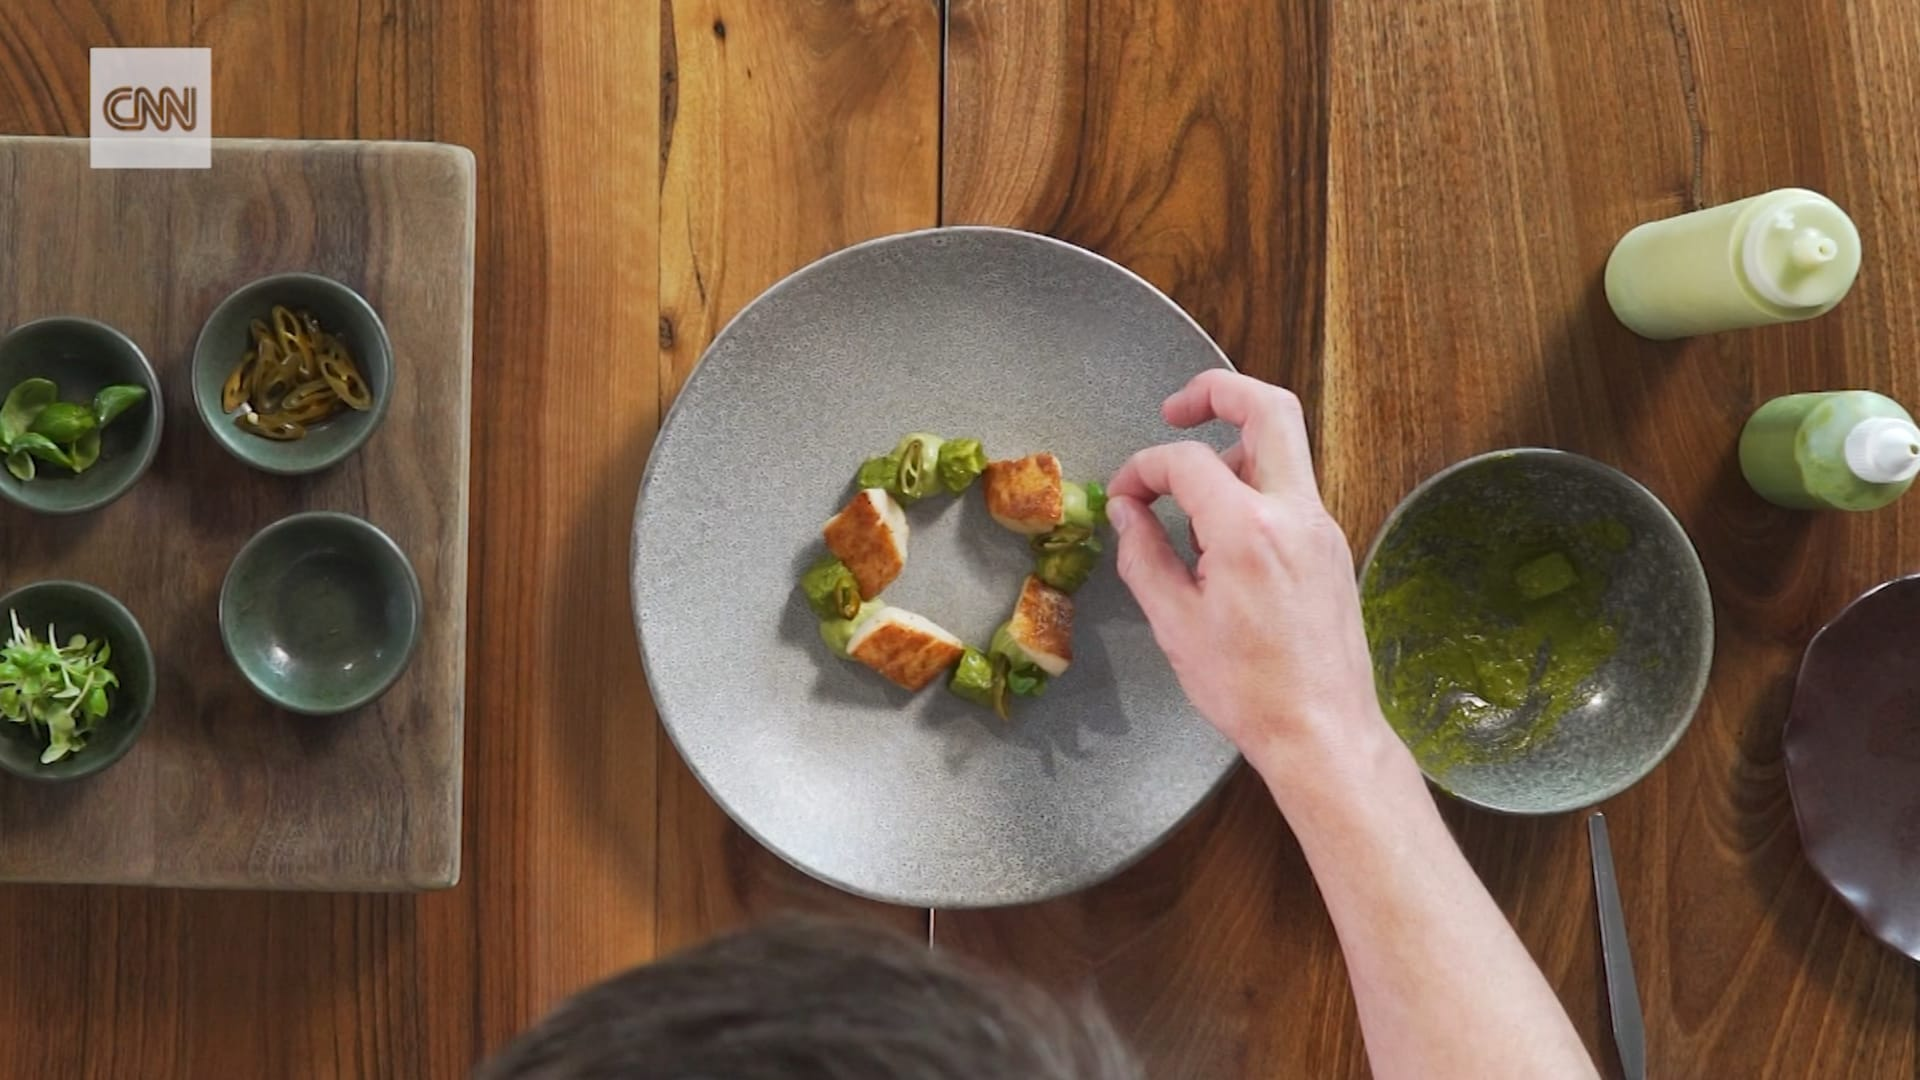 لماذا يشارك هذا المطعم رفيع المستوى في دبي بفعاليات أسبوع المطاعم؟